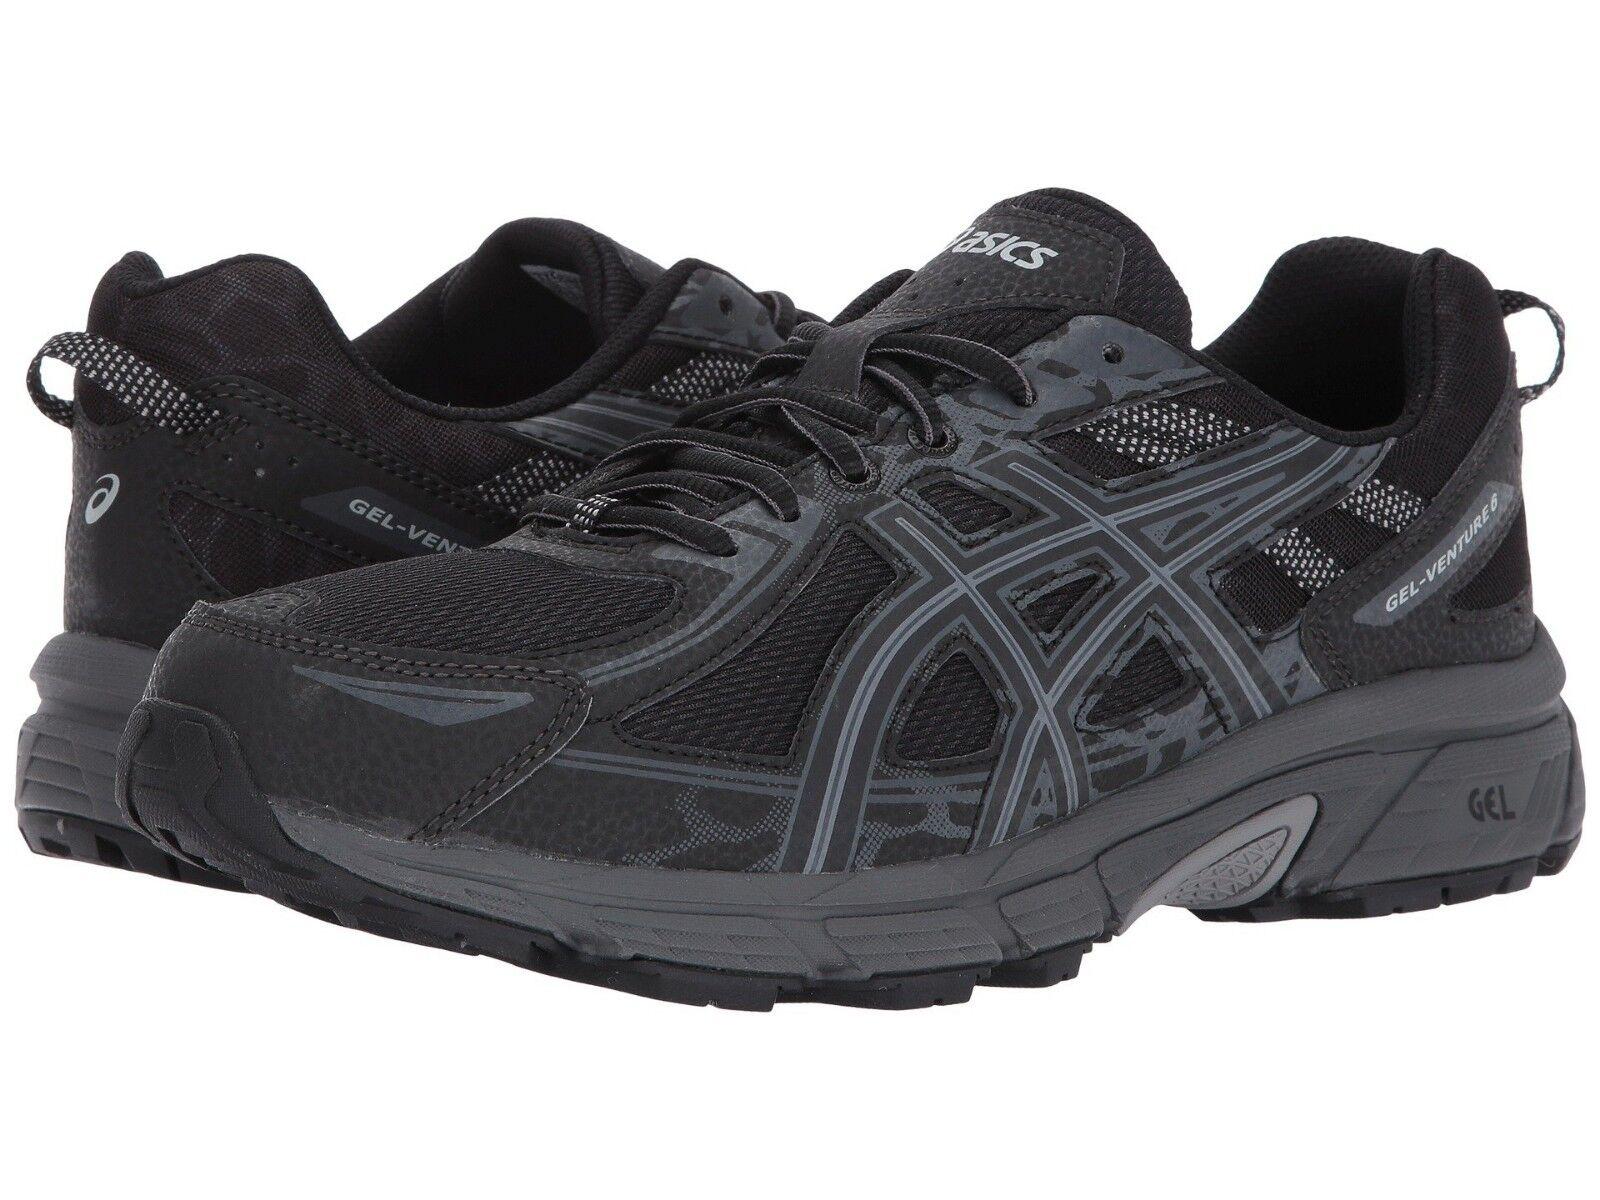 Sale NIB Men's Asics Gel Venture 6 Trail Shoes Medium&4E WIDE Black Scram